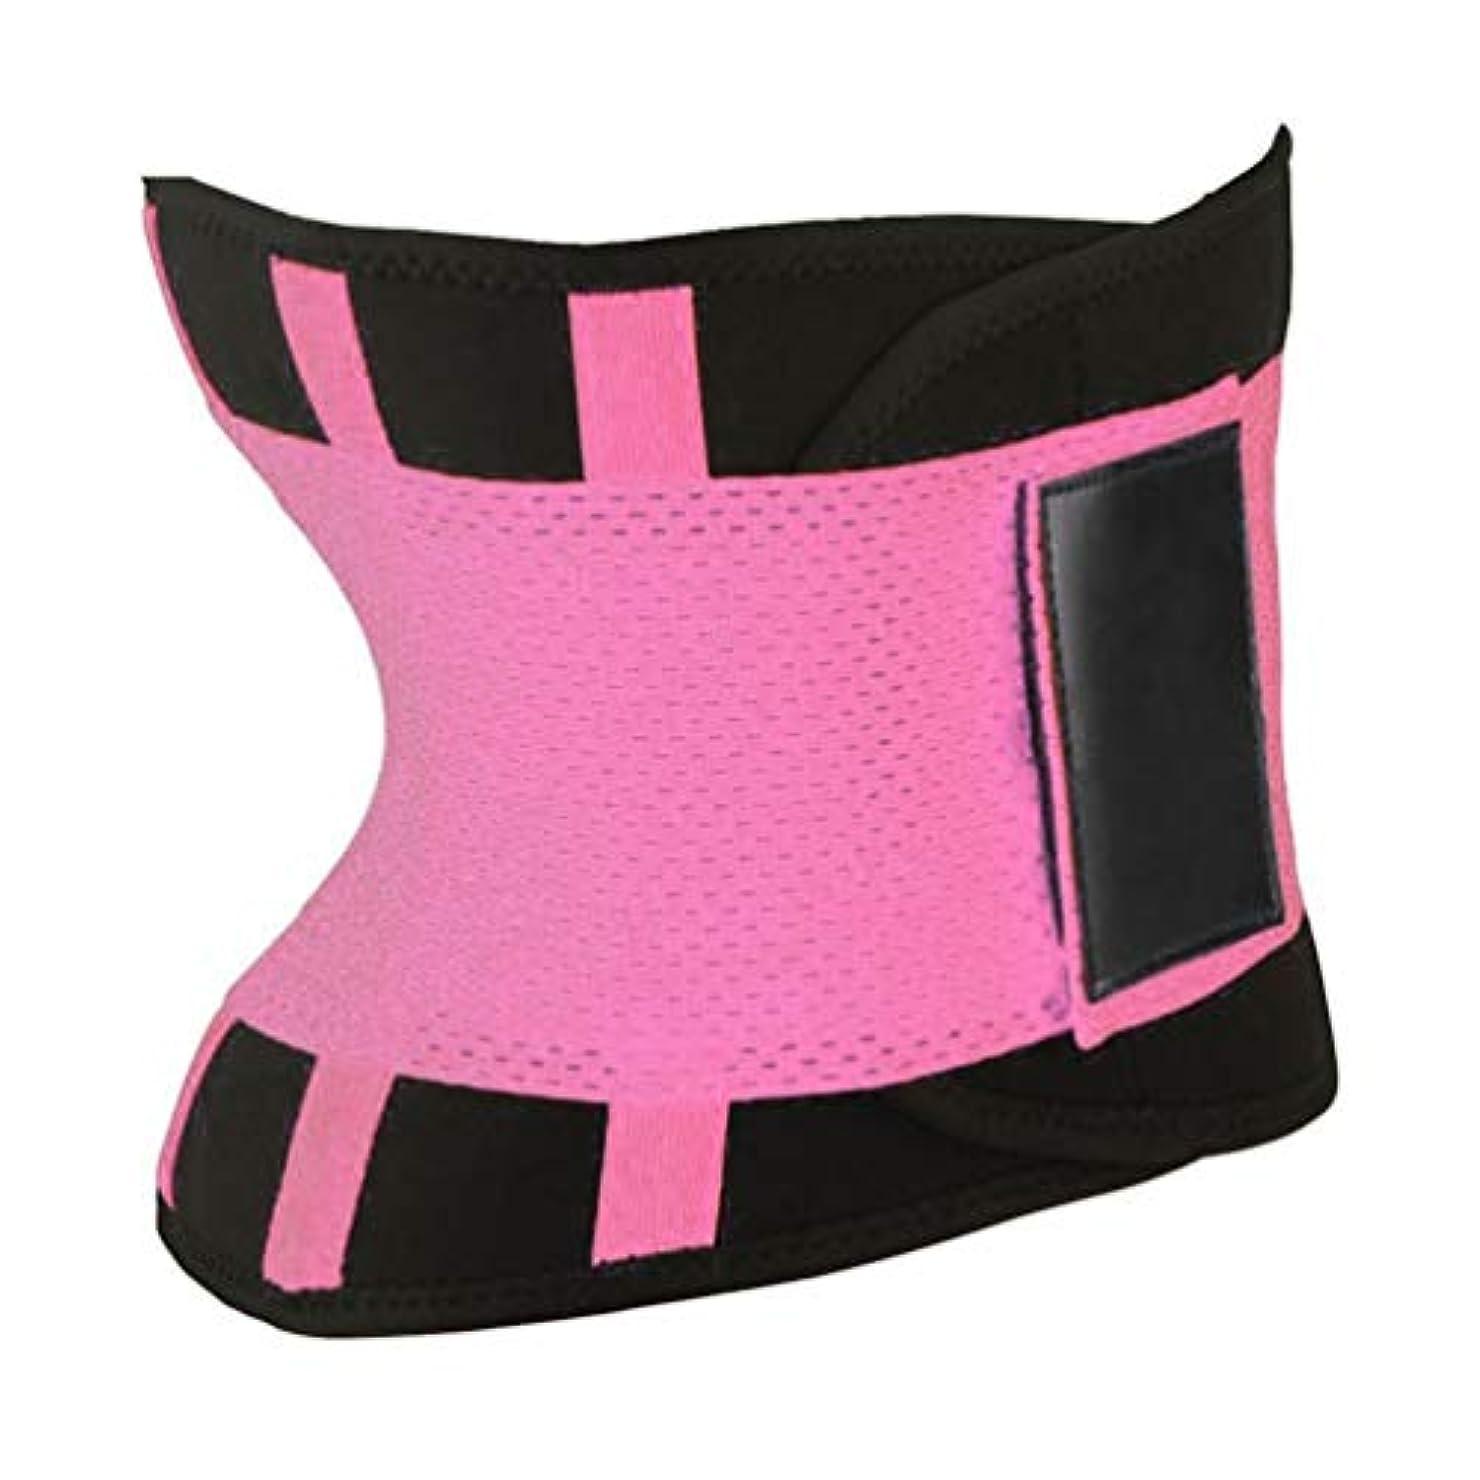 杖最も遠い心配快適な女性ボディシェイパー痩身シェイパーベルトスポーツ女性ウエストトレーナーニッパー制御バーニングボディおなかベルト - ピンク2xl